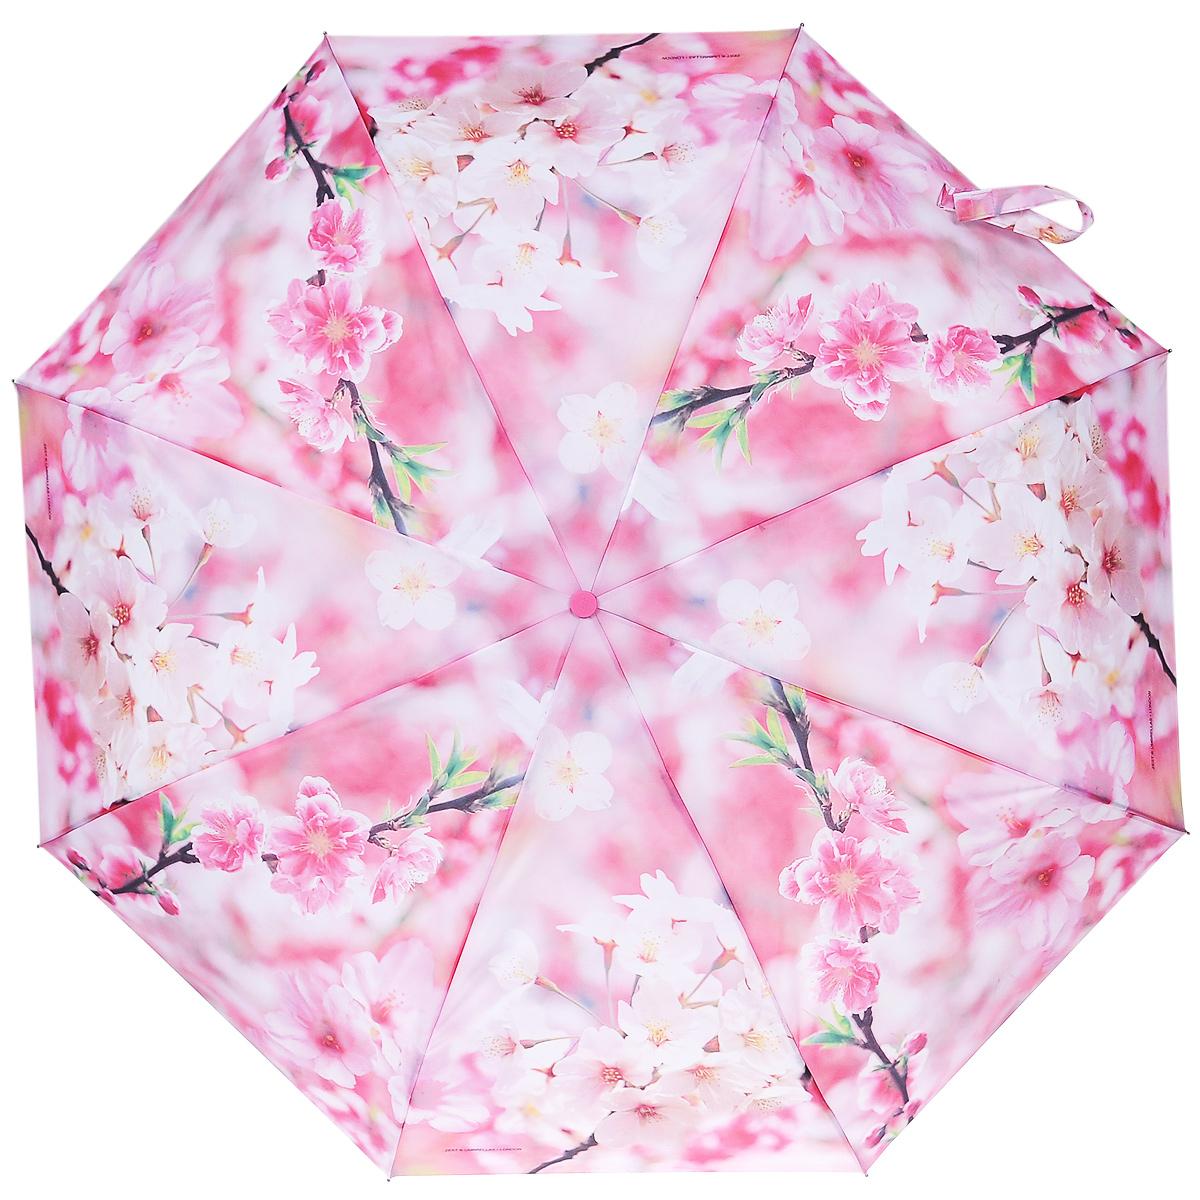 Зонт женский Zest, автомат, 4 сложения, цвет: розовый. 24755-699024755-6990Женский автоматический зонт Zest в 4 сложения даже в ненастную погоду позволит вам оставаться стильной и элегантной. Каркас зонта состоит из 8 спиц из фибергласса и стали и прочного алюминиевого стержня. Специальная система Windproof защищает его от поломок во время сильных порывов ветра. Купол зонта выполнен из прочного полиэстера с водоотталкивающей пропиткой и оформлен цветочным принтом. Используемые высококачественные красители, а также покрытие Teflon обеспечивают длительное сохранение свойств ткани купола. Рукоятка, разработанная с учетом требований эргономики, выполнена из приятного на ощупь прорезиненного пластика. Зонт имеет полный автоматический механизм сложения: купол открывается и закрывается нажатием кнопки на рукоятке, стержень складывается вручную до характерного щелчка, благодаря чему открыть и закрыть зонт можно одной рукой, что чрезвычайно удобно при входе в транспорт или помещение. На рукоятке для удобства есть небольшой шнурок, позволяющий надеть...